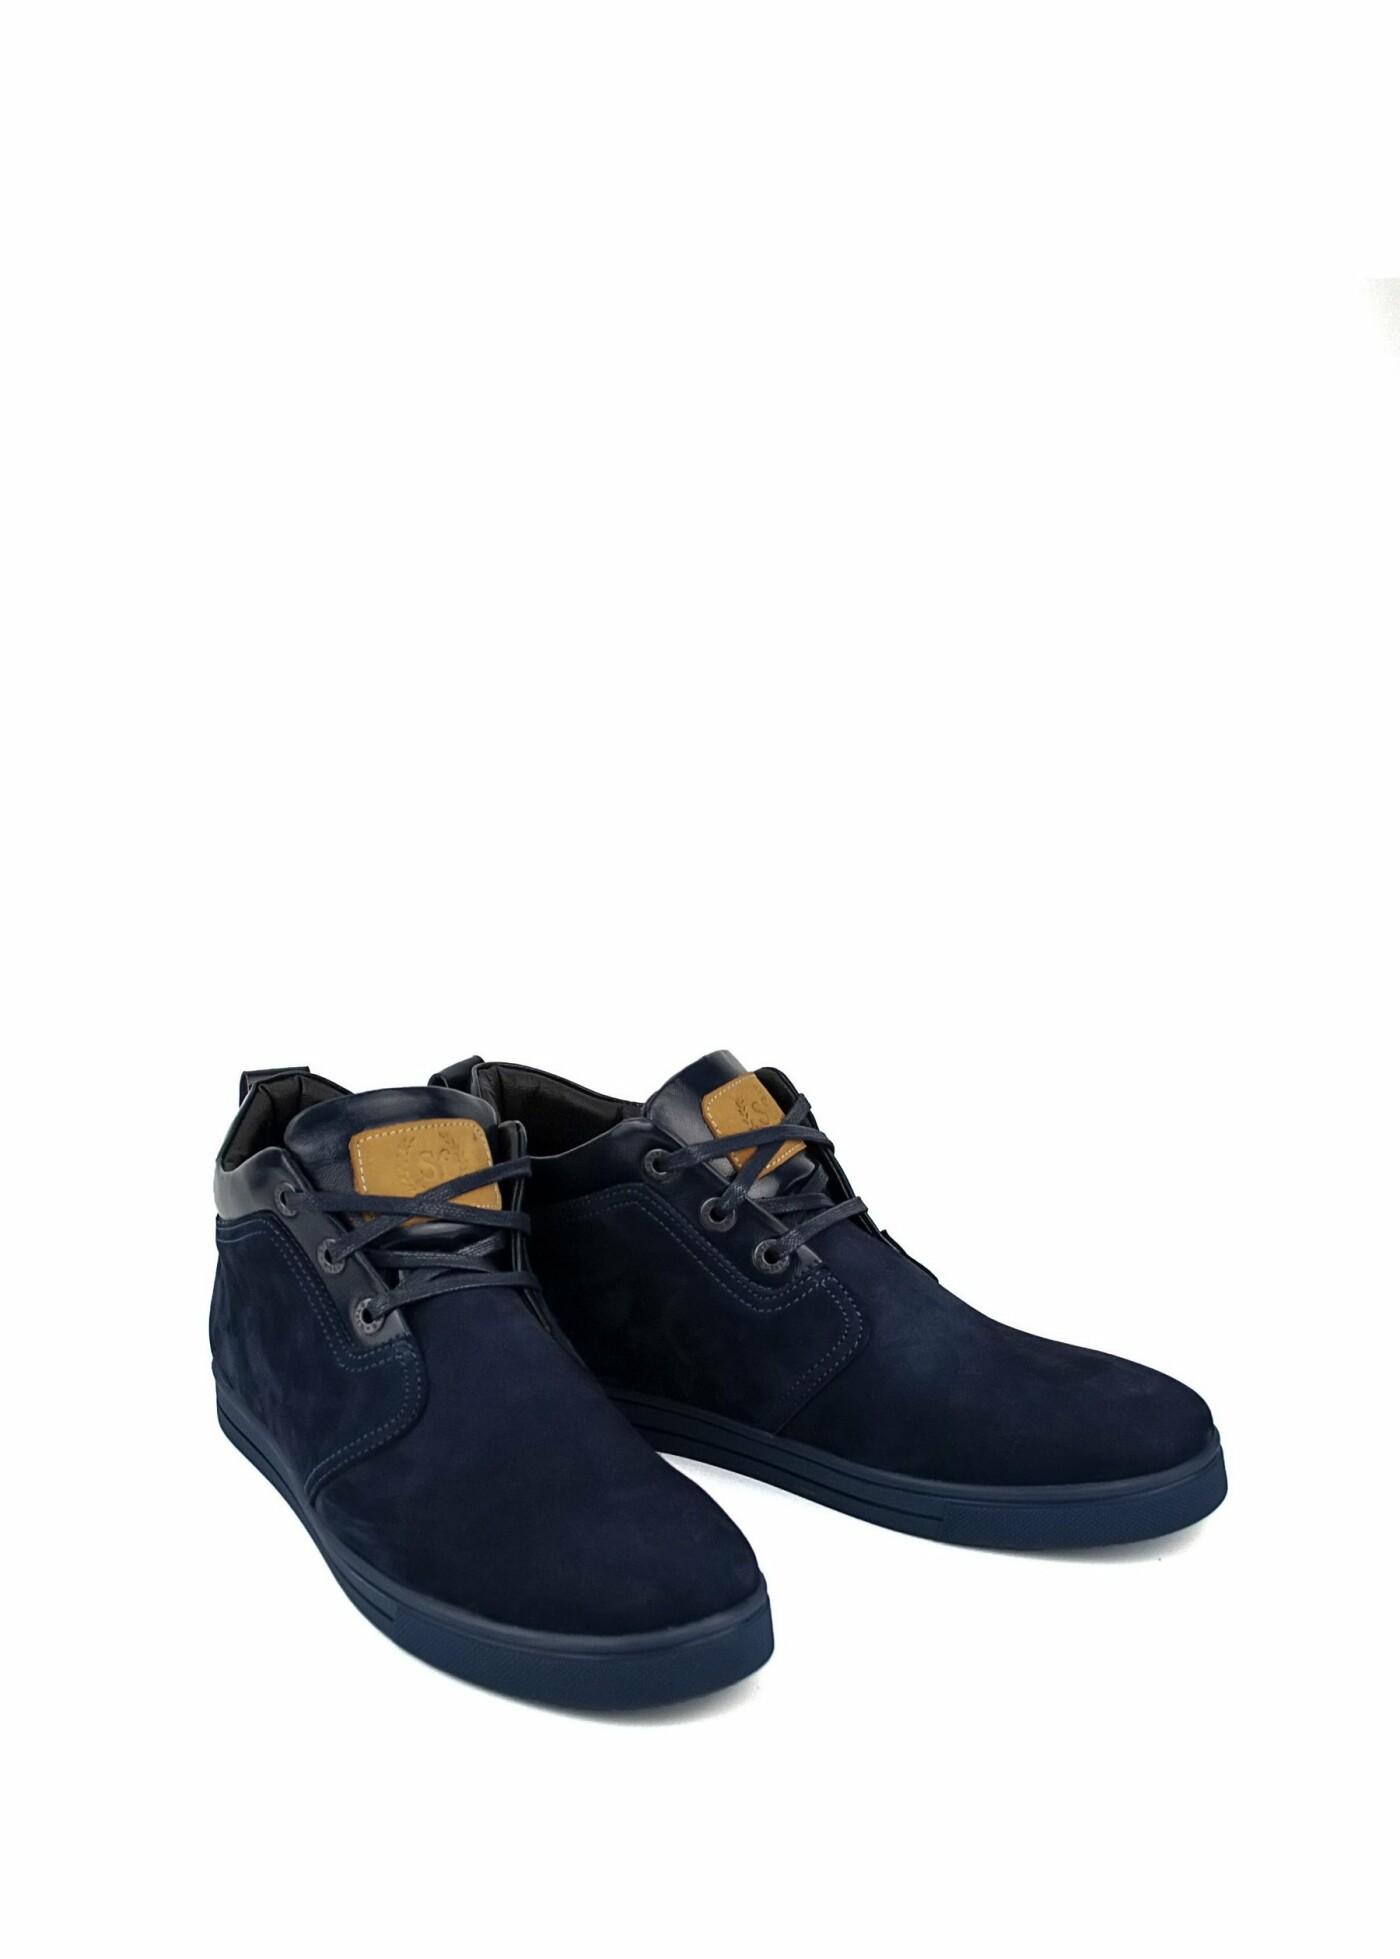 Майстер приїде до вас зробити заміри. Stefano впроваджує нові стандарти виготовлення взуття!, фото-24